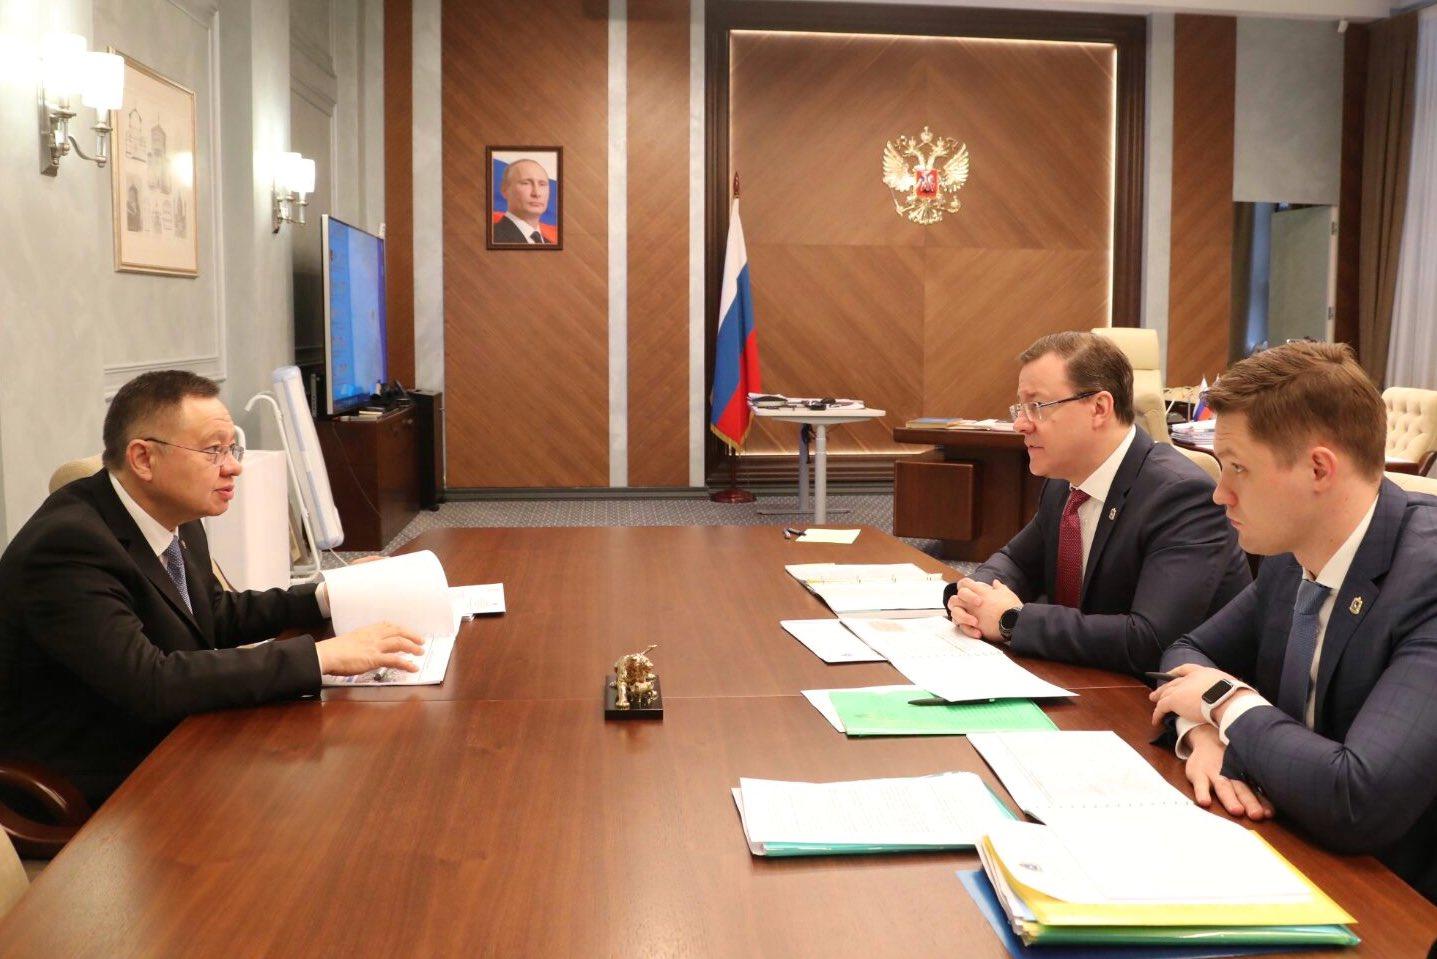 Самарская область получит дополнительные средства на переселение людей из аварийного жилья